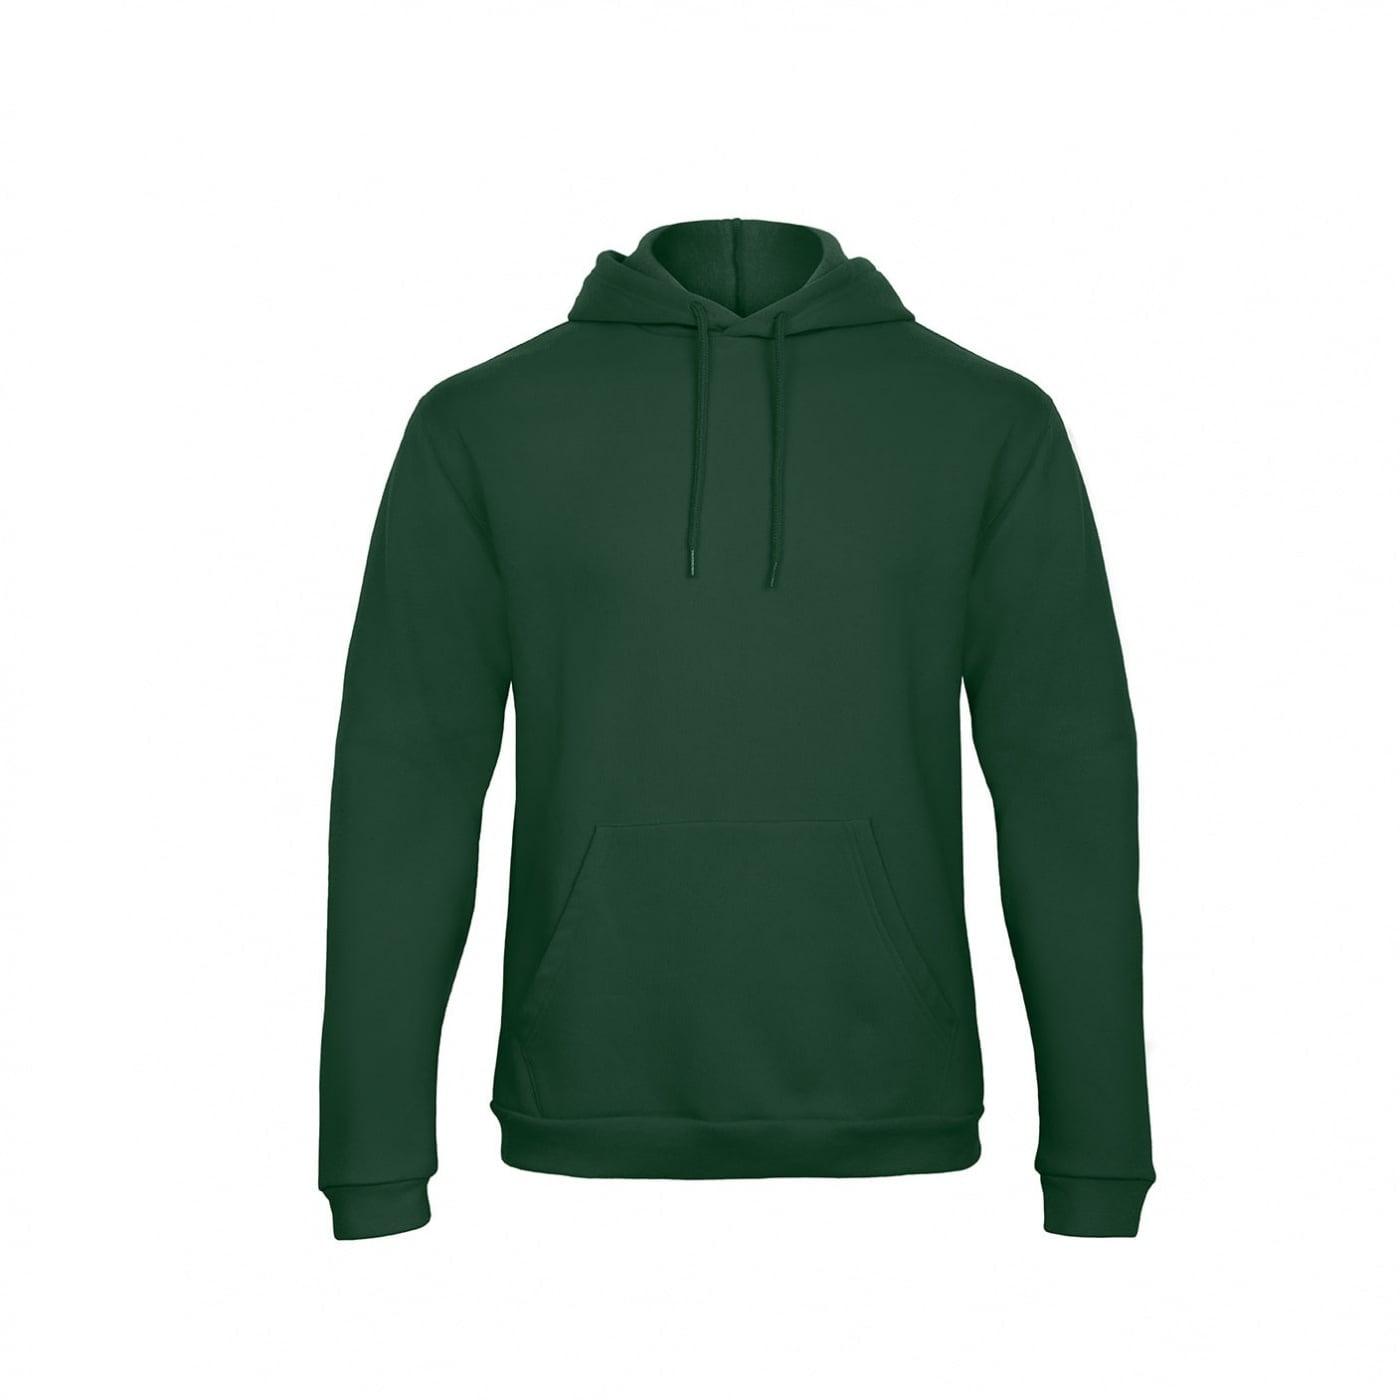 Bluzy - Bluza z kapturem ID.203 - B&C WUI24 - Bottle Green - RAVEN - koszulki reklamowe z nadrukiem, odzież reklamowa i gastronomiczna